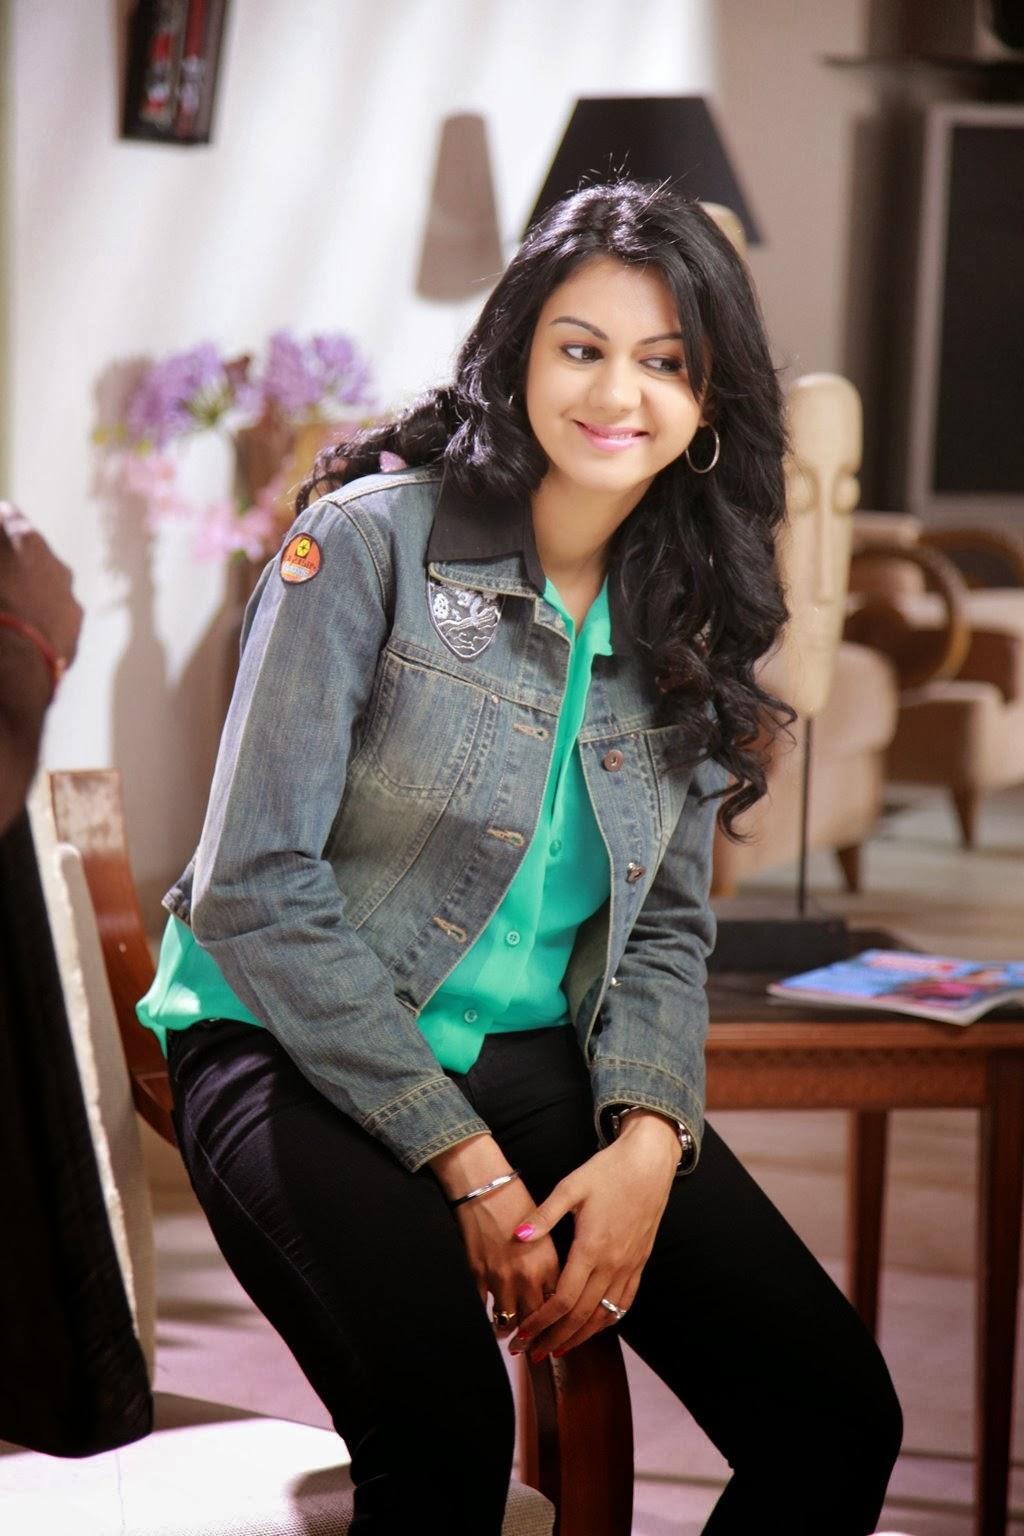 Kamna Jethmalani Veediki Dookudekkuva Hot Stills - Latest Movie